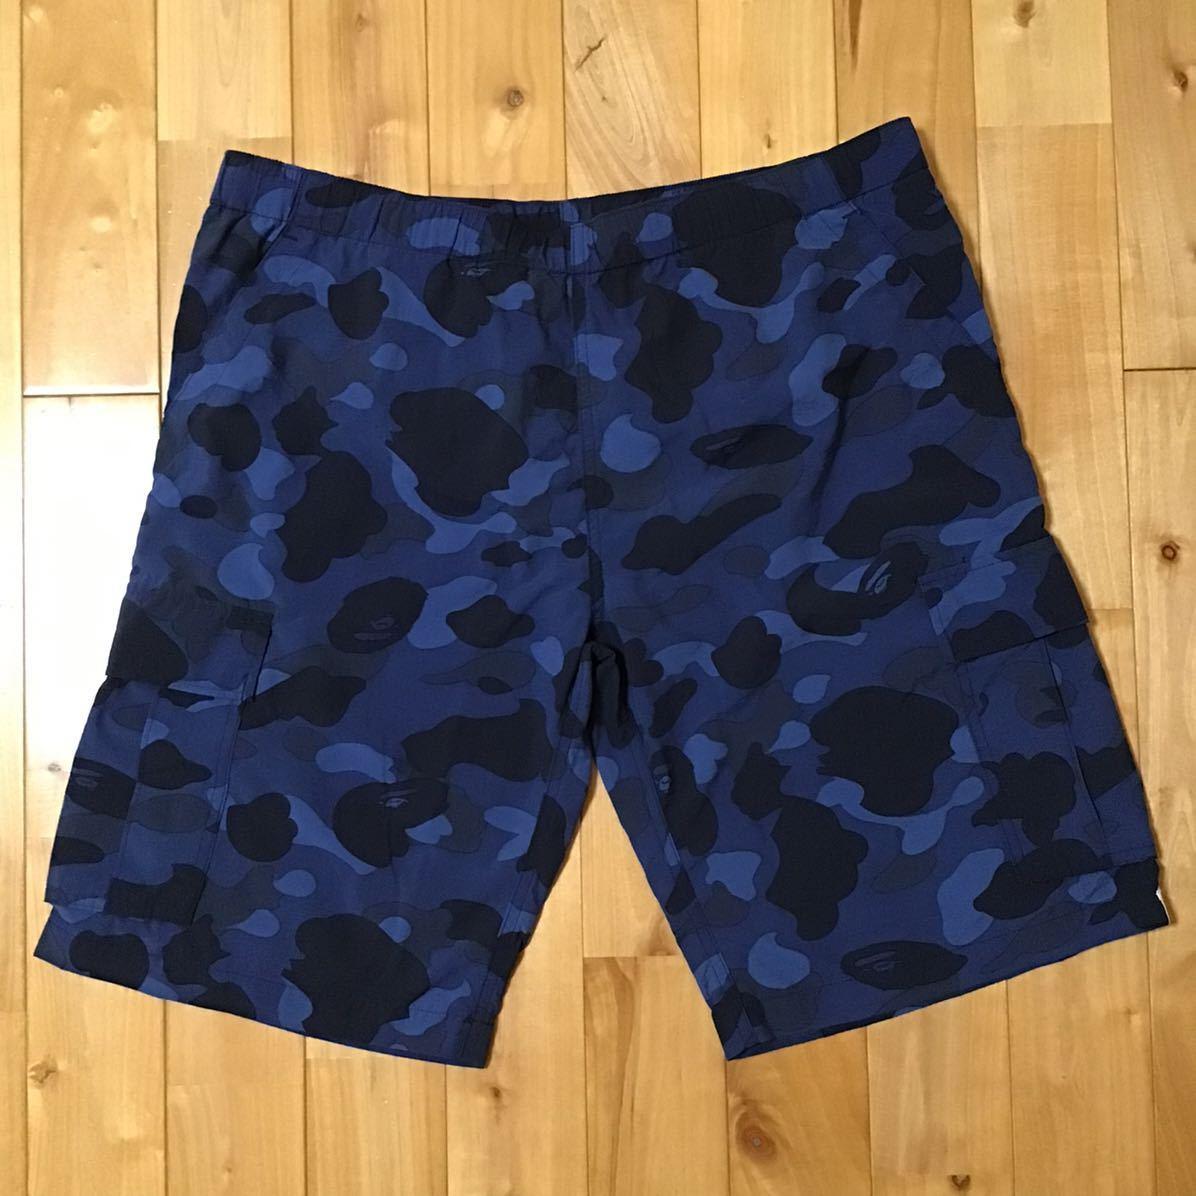 ★初期★ Blue camo swim shorts Mサイズ a bathing ape BAPE 水着 エイプ ベイプ アベイシングエイプ 迷彩 ハーフパンツ NIGO ブルーカモ